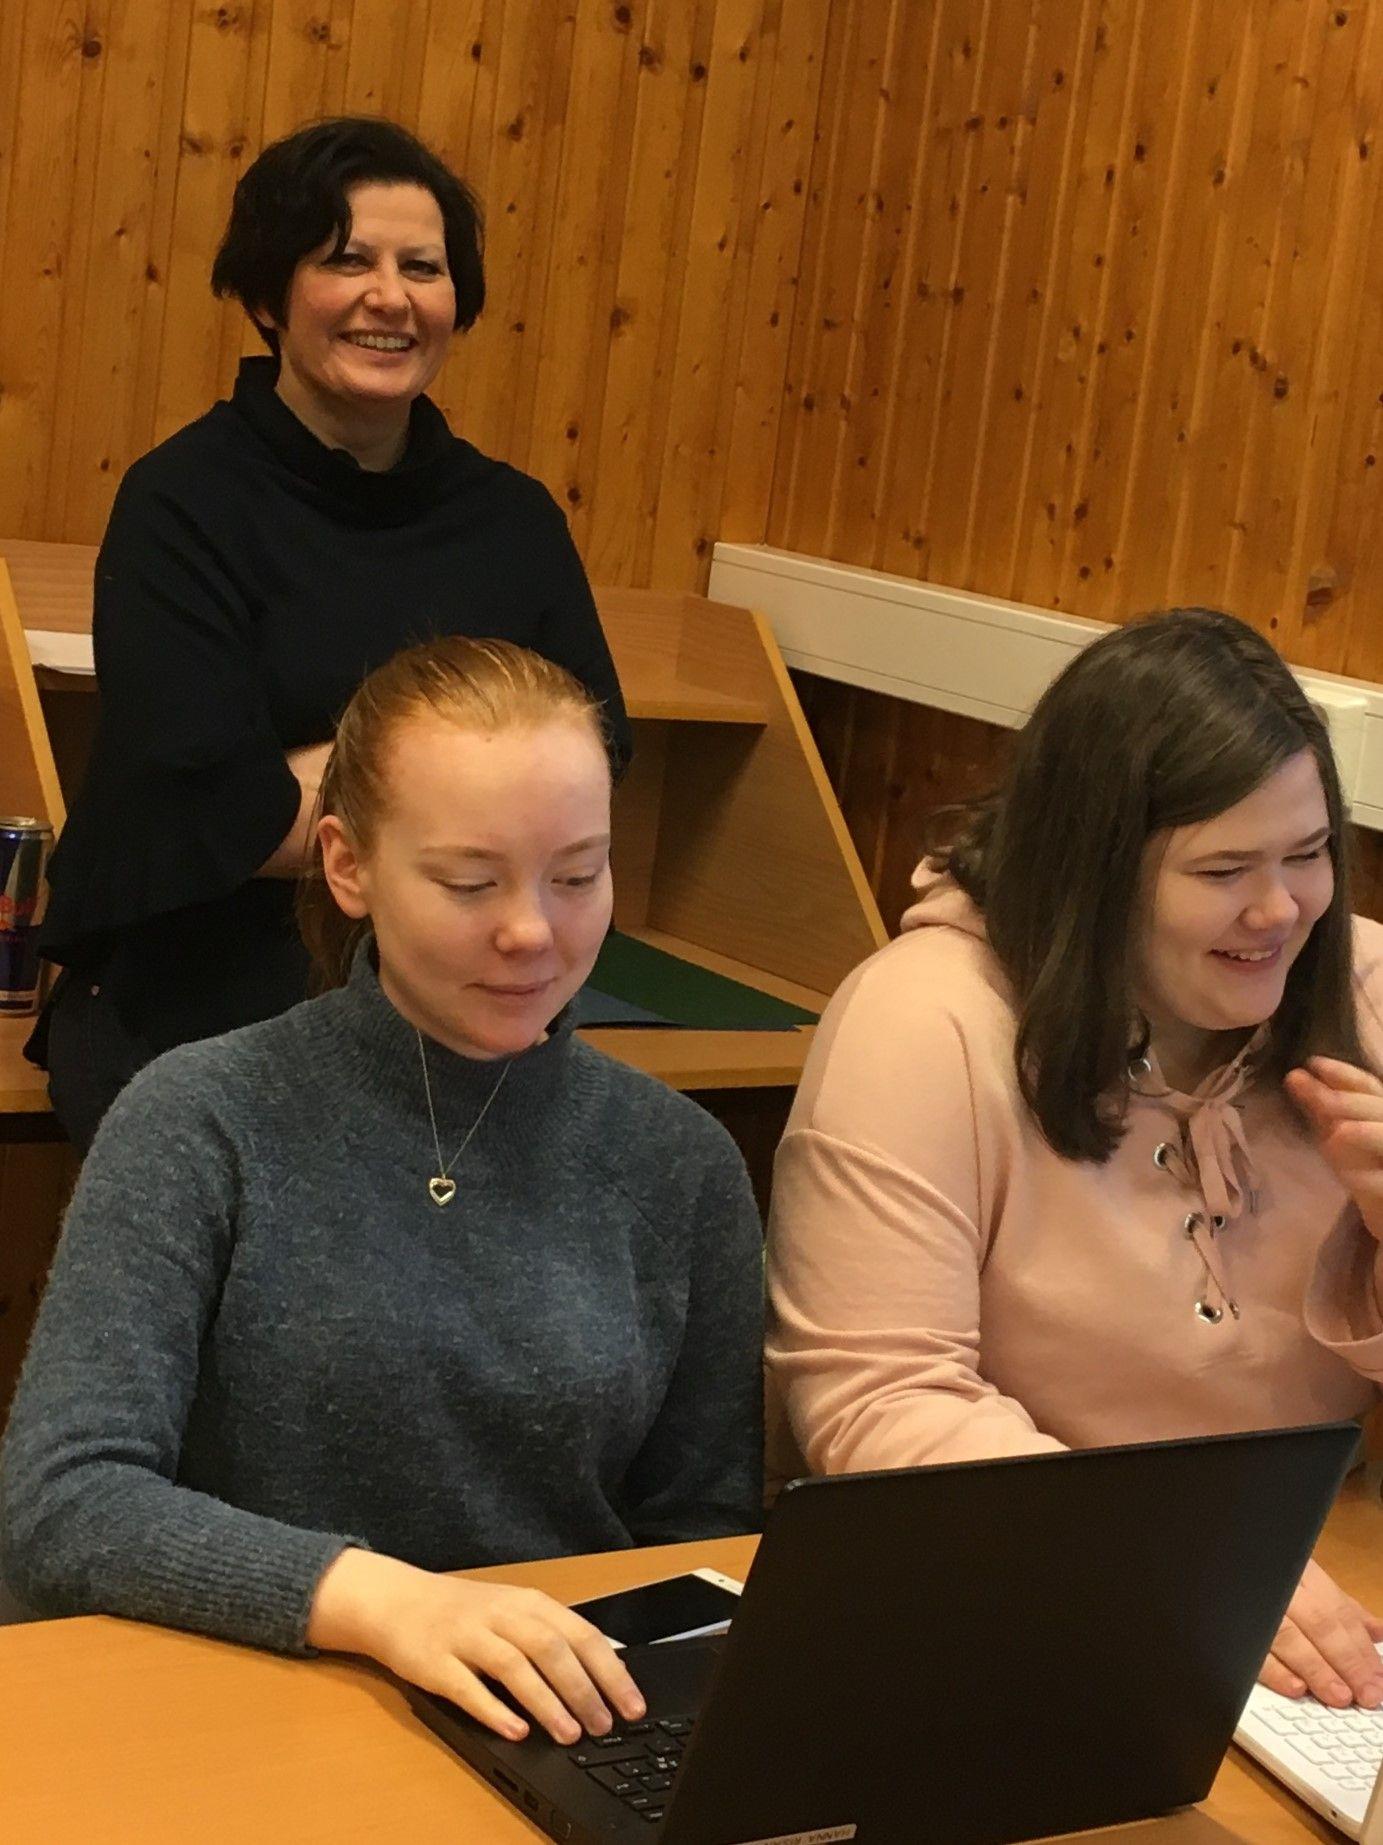 LÆRER: Helga Pedersen liker å undervise i politikk og samfunnsfag på Tana videregående skole. Hun har satt i gang engasjerte diskusjoner om aktuell politikk, og ikke minst metoo de siste månedene. I forgrunnen: Elevene Hanna Risan Andersen (til venstre) og Veronika Paltto.